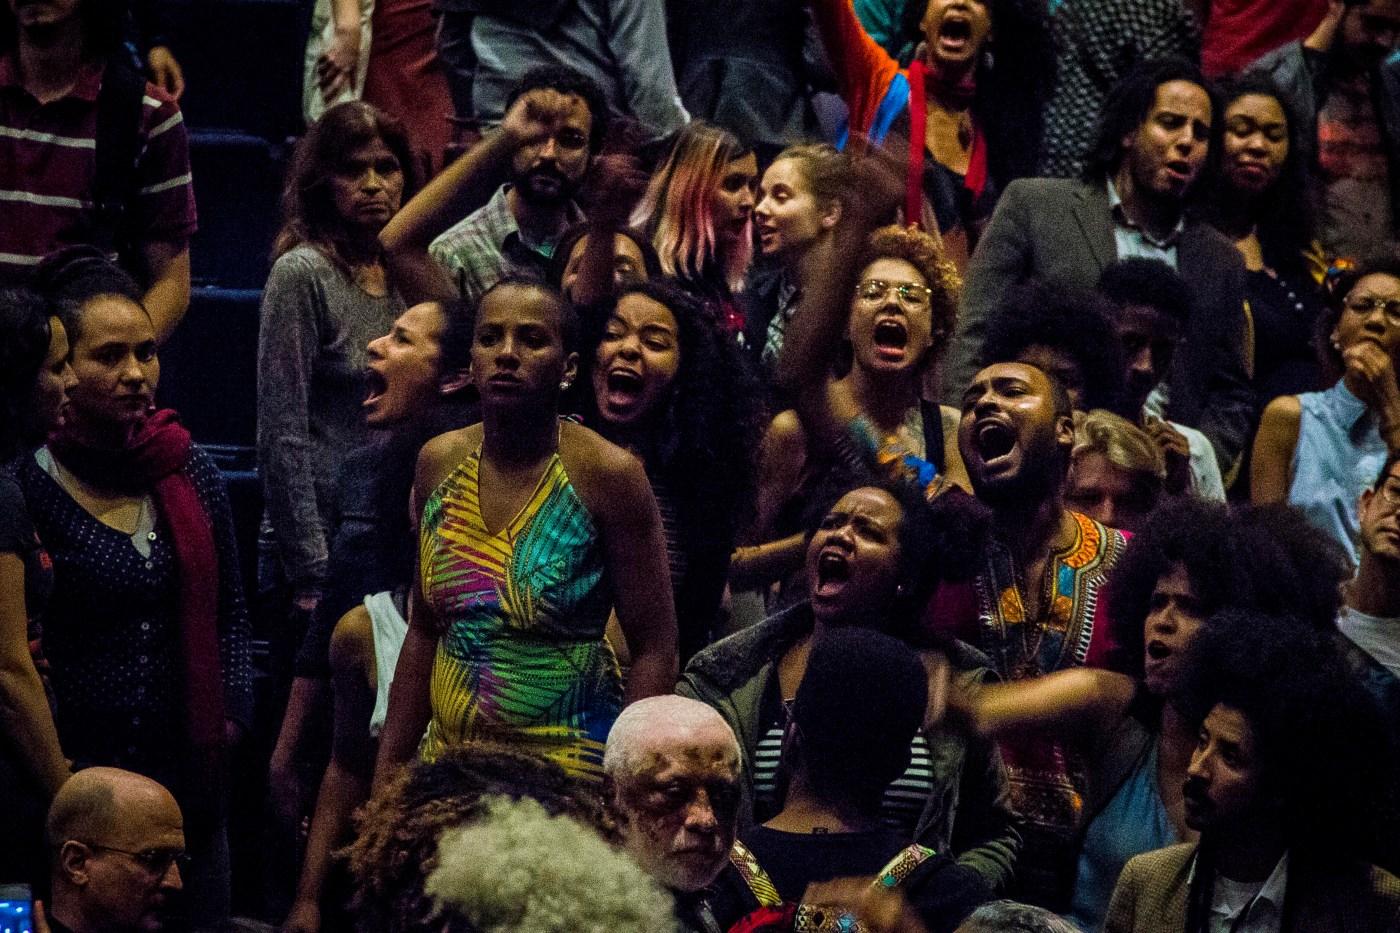 Negralisi condensa sua revolta em palavras e é ovacionada pelo público preto (Foto: Anselmo Cunha/Nonada)